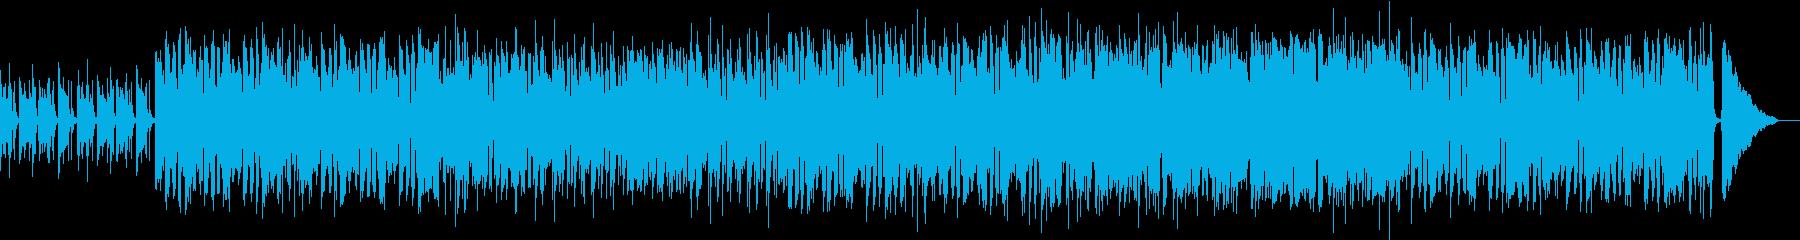 生演奏アコギ、上品な夏のジャズ・ボサノバの再生済みの波形